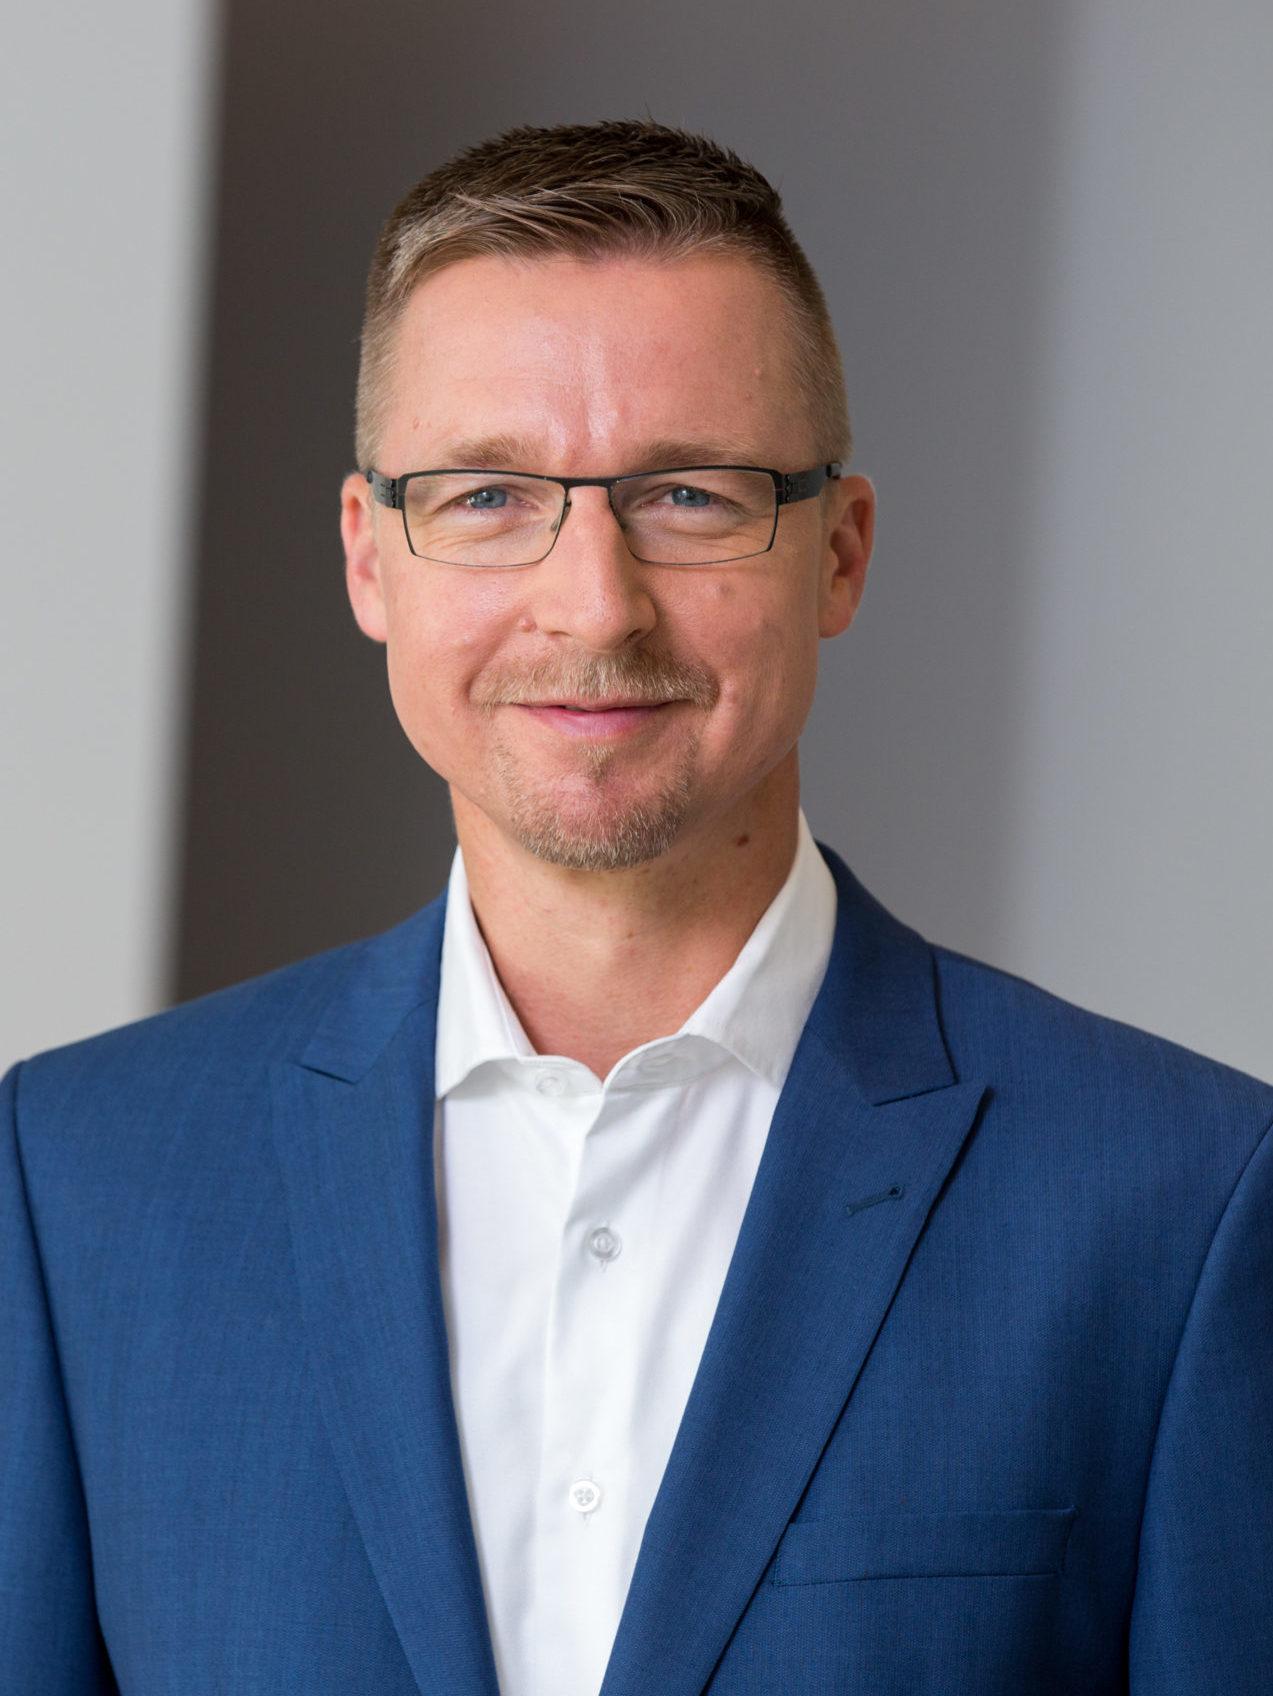 Portrait photo of Dr. Dierk Schindler